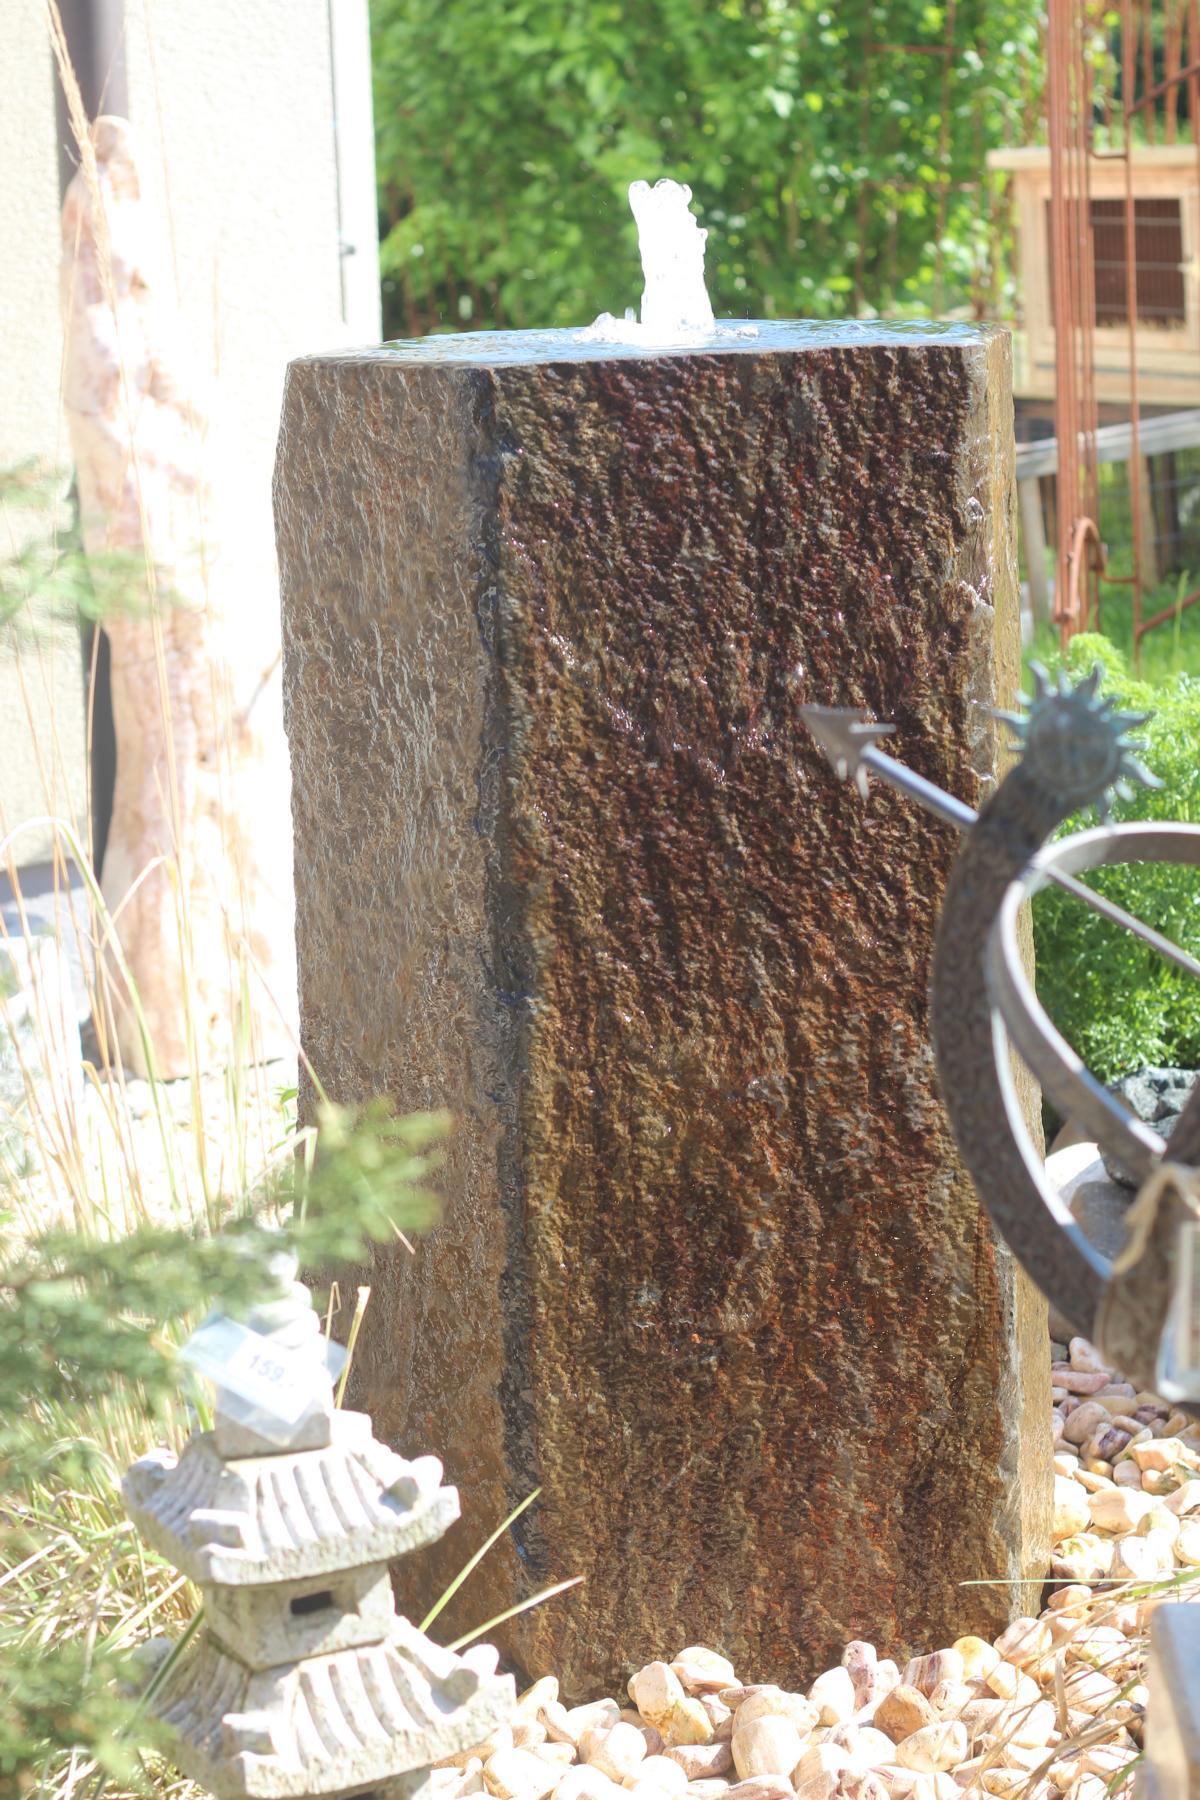 wasserspiel set quellstein basalt 100 mit quellschale inkl pumpe becken springbrunnen 1001000061. Black Bedroom Furniture Sets. Home Design Ideas